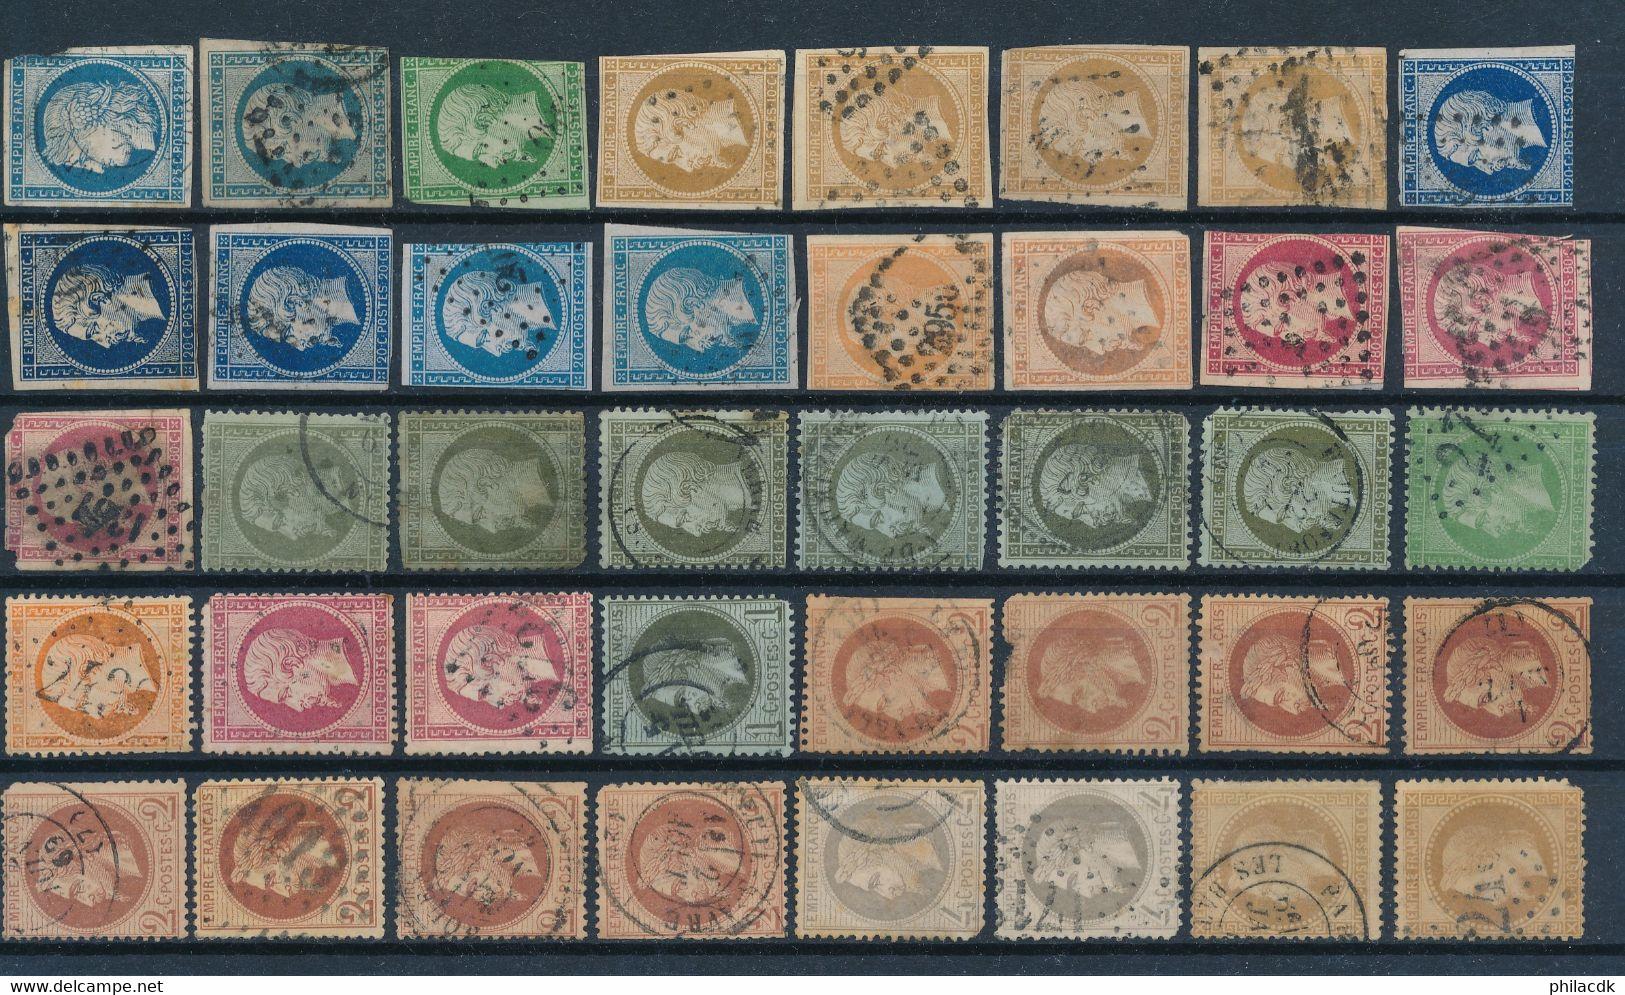 FRANCE - 5 PAIRES N°32 ET + DE 650 TIMBRES OBLITERES CLASSIQUES NAPOLEON DENTELES NON DENTELES LAURES CERES SAGE - Collections